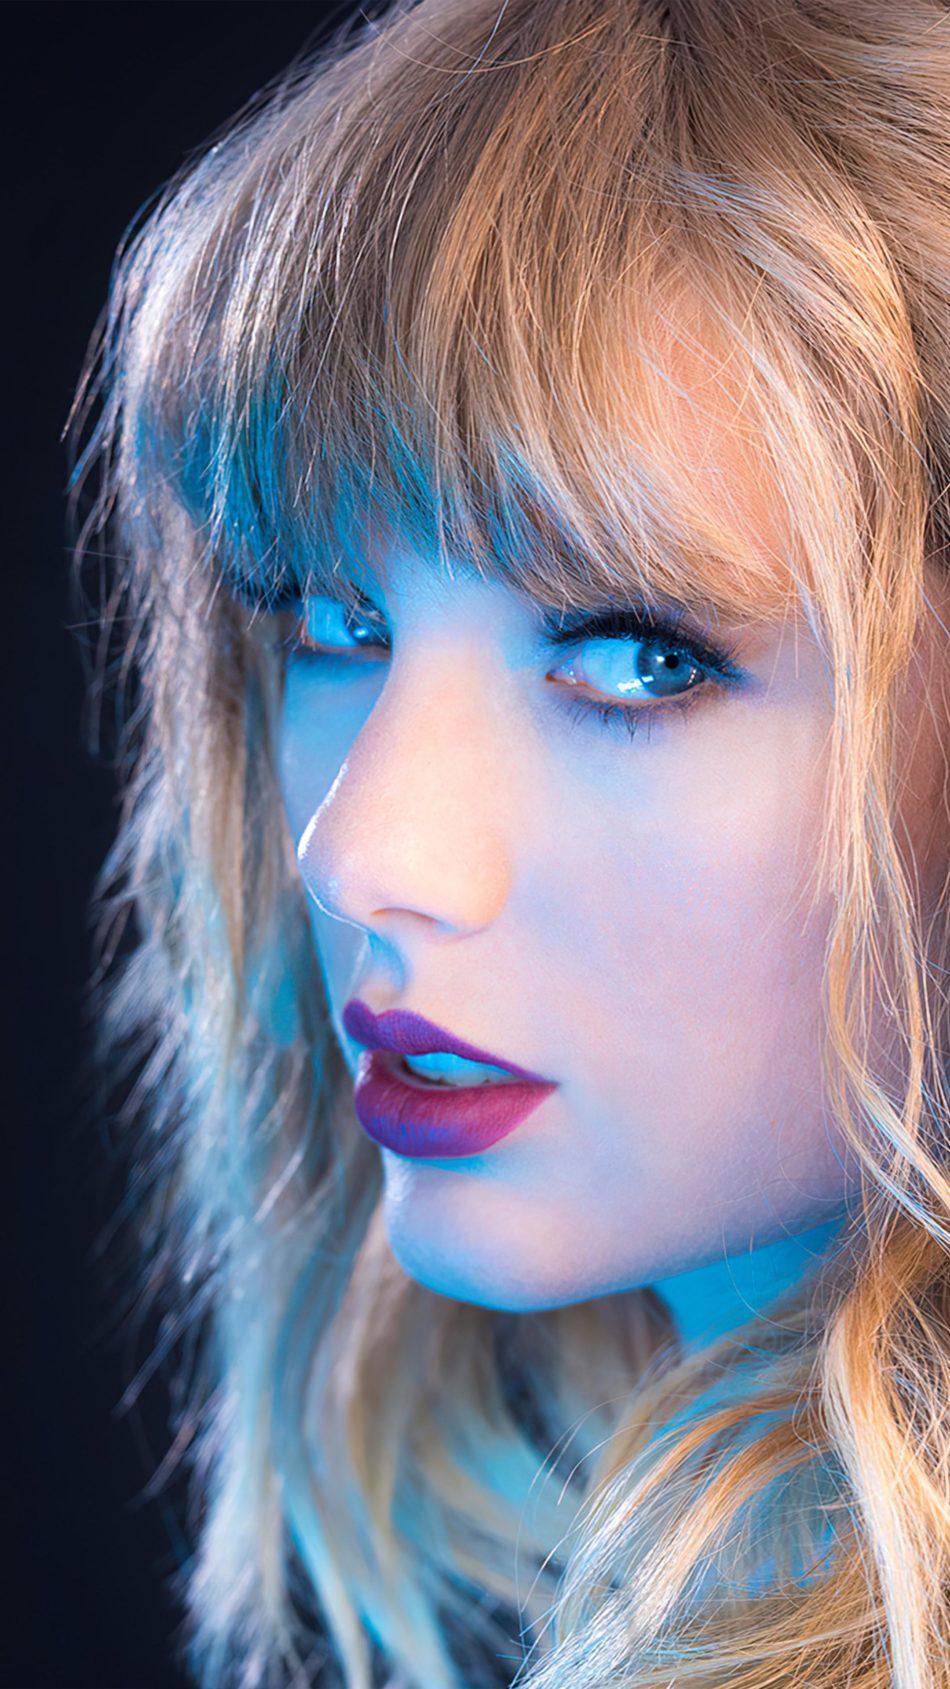 Beautiful Taylor Swift Blue Neon 4K Ultra HD Mobile Wallpaper